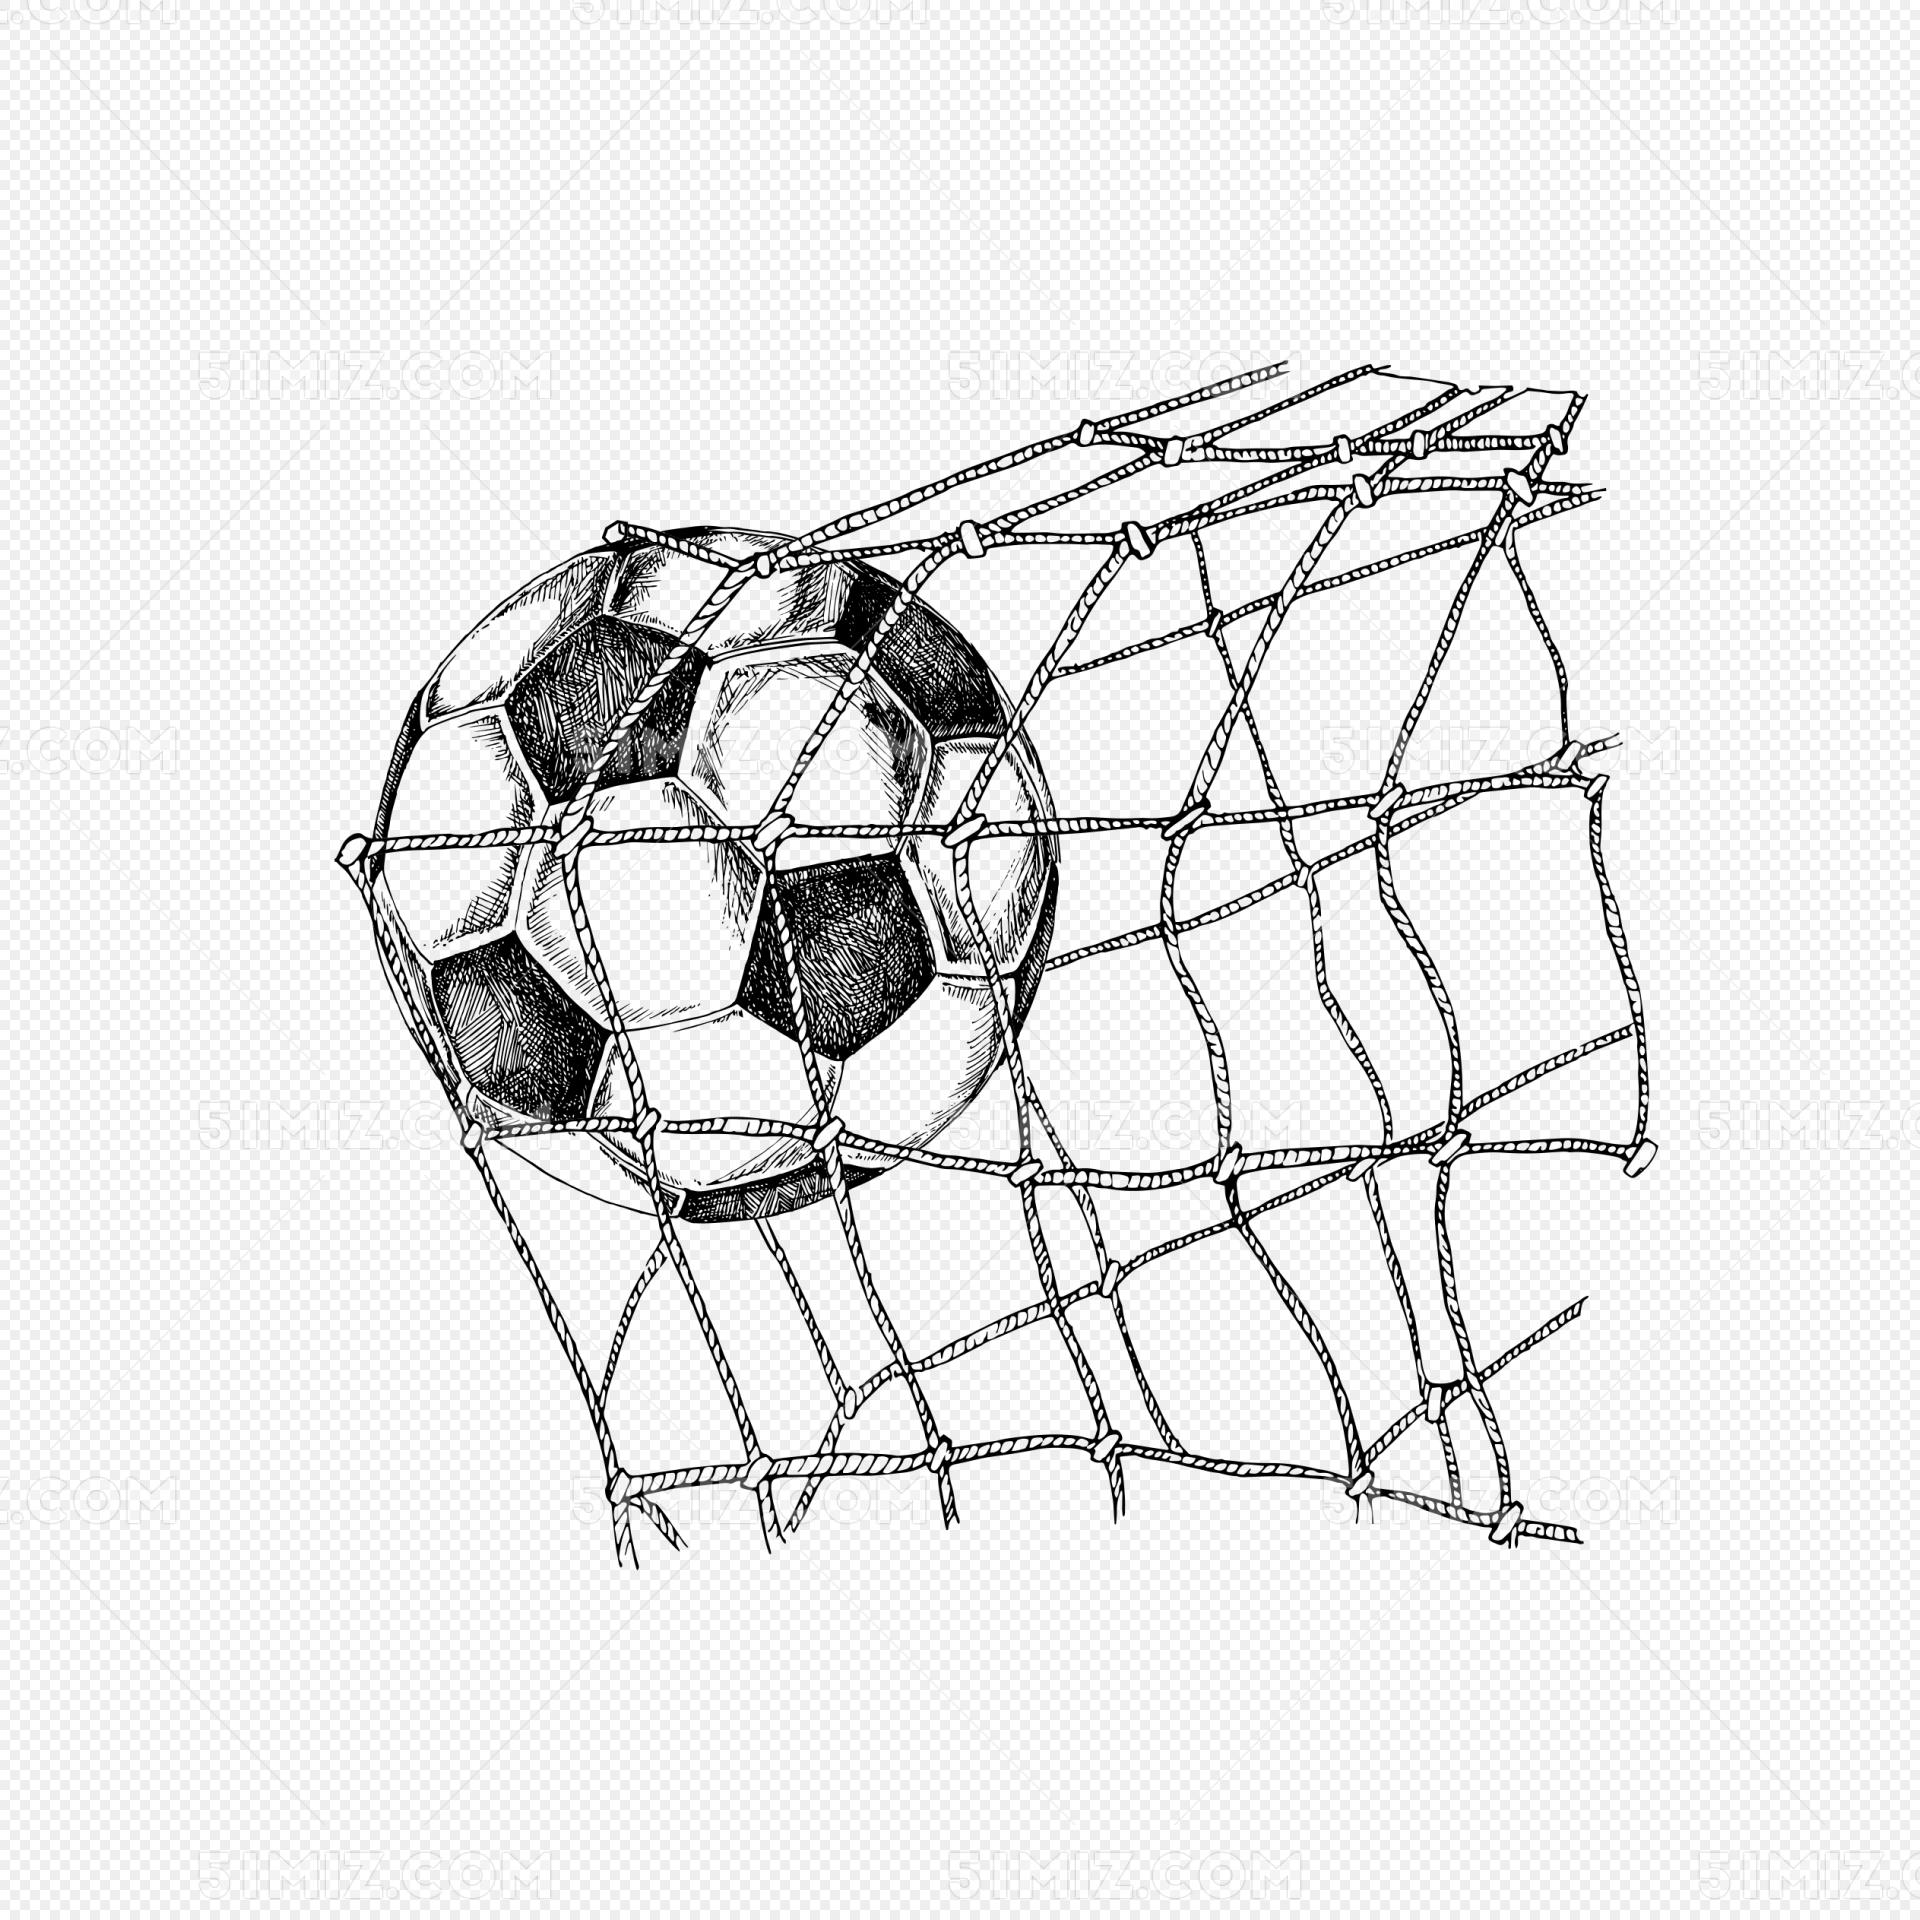 创意手绘进足球粒子世界杯足球场